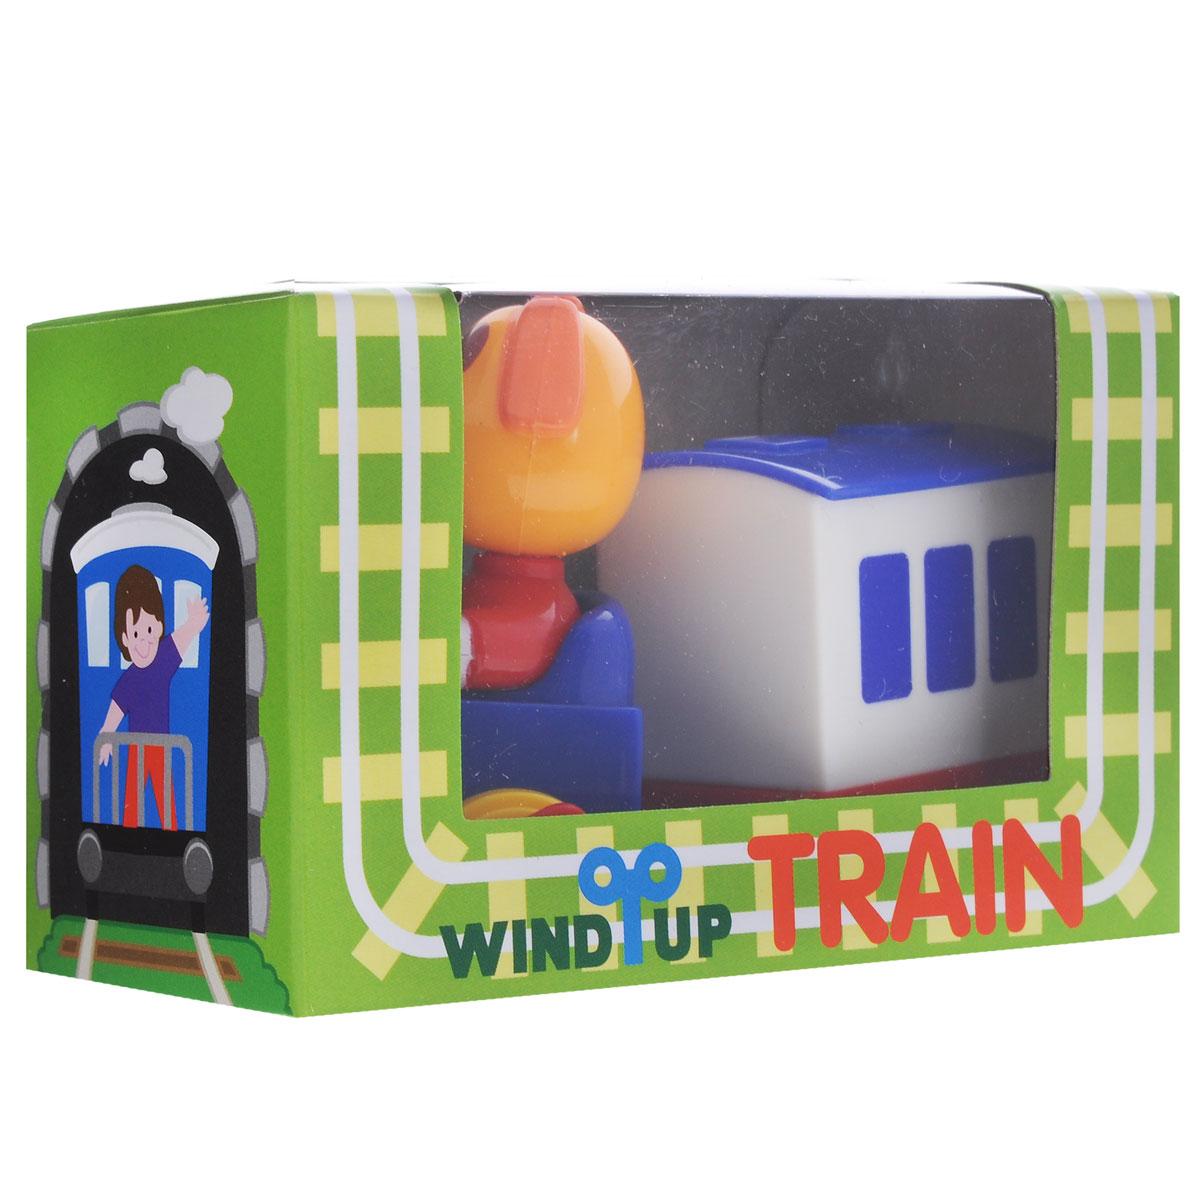 Заводная игрушка Hans Паровозик с вагоном. СобачкаCT-10BD_собачкаЗаводная игрушка Hans Паровозик с вагоном. Собачка с механическим заводом непременно понравится малышу и станет его любимой игрушкой! Игрушка выполнена из безопасного прочного пластика в виде паровозика с собачкой. Заведите игрушку с помощью специального рычажка, и она начнет двигаться. Игра с заводными игрушками способствует приятному времяпрепровождению, стимулирует ребенка к активным действиям, научит устанавливать причинно-следственные связи. Мелкие детали и разнофактурные материалы благоприятствуют развитию тактильных ощущений и моторики пальчиков, а яркие цвета и забавные формы стимулируют зрение.